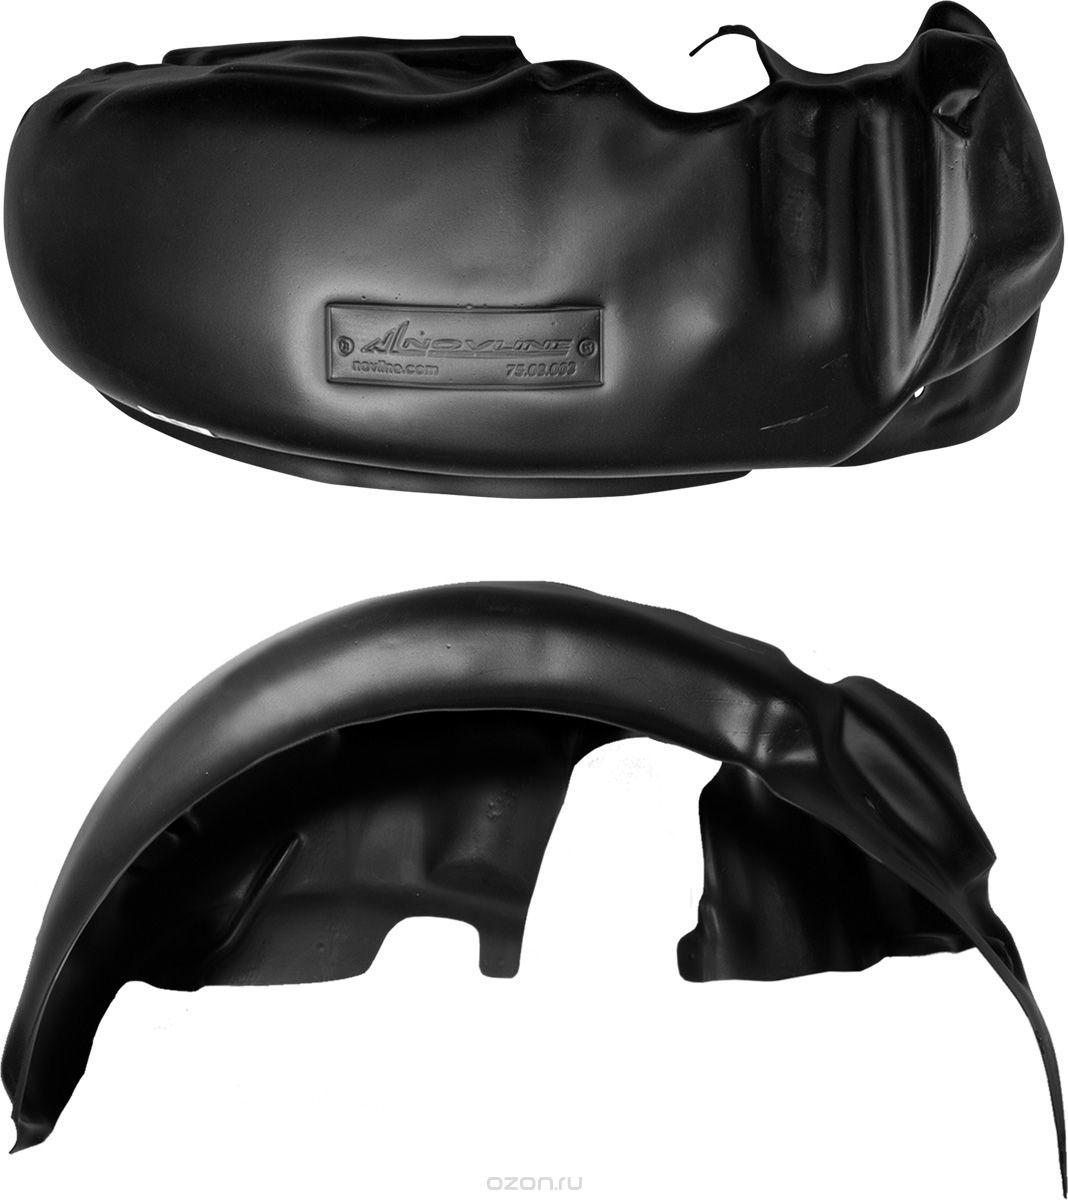 Подкрылок Novline-Autofamily, для CITROEN Jumper 2006-2014, без расширителей арок, передний левыйNLL.10.22.001Идеальная защита колесной ниши. Локеры разработаны с применением цифровых технологий, гарантируют максимальную повторяемость поверхности арки. Изделия устанавливаются без нарушения лакокрасочного покрытия автомобиля, каждый подкрылок комплектуется крепежом. Уважаемые клиенты, обращаем ваше внимание, что фотографии на подкрылки универсальные и не отражают реальную форму изделия. При этом само изделие идет точно под размер указанного автомобиля.